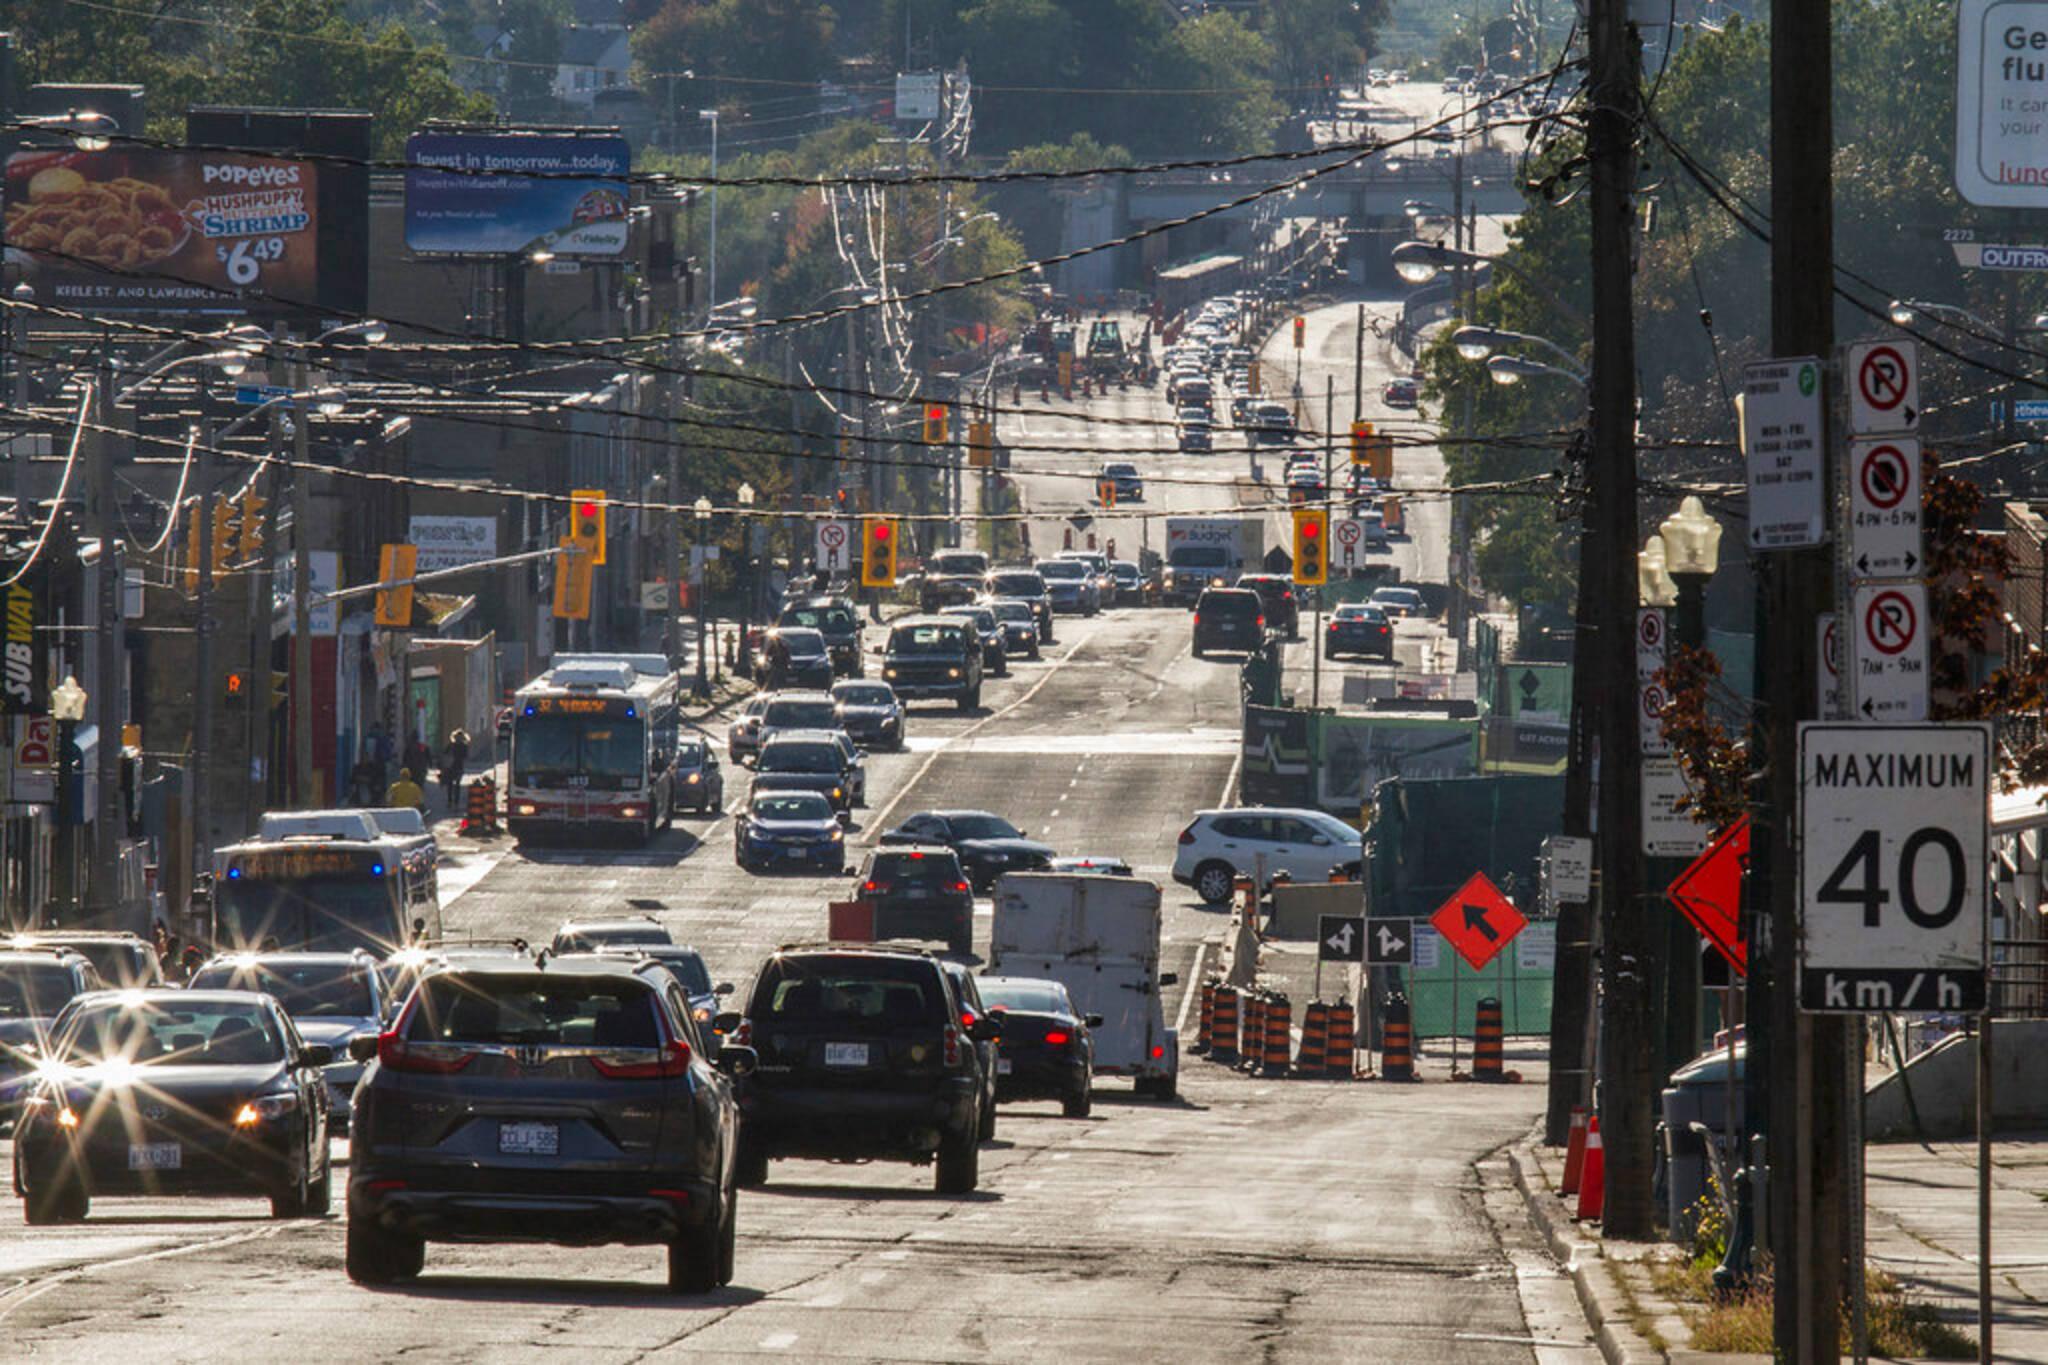 Eglinton road closures